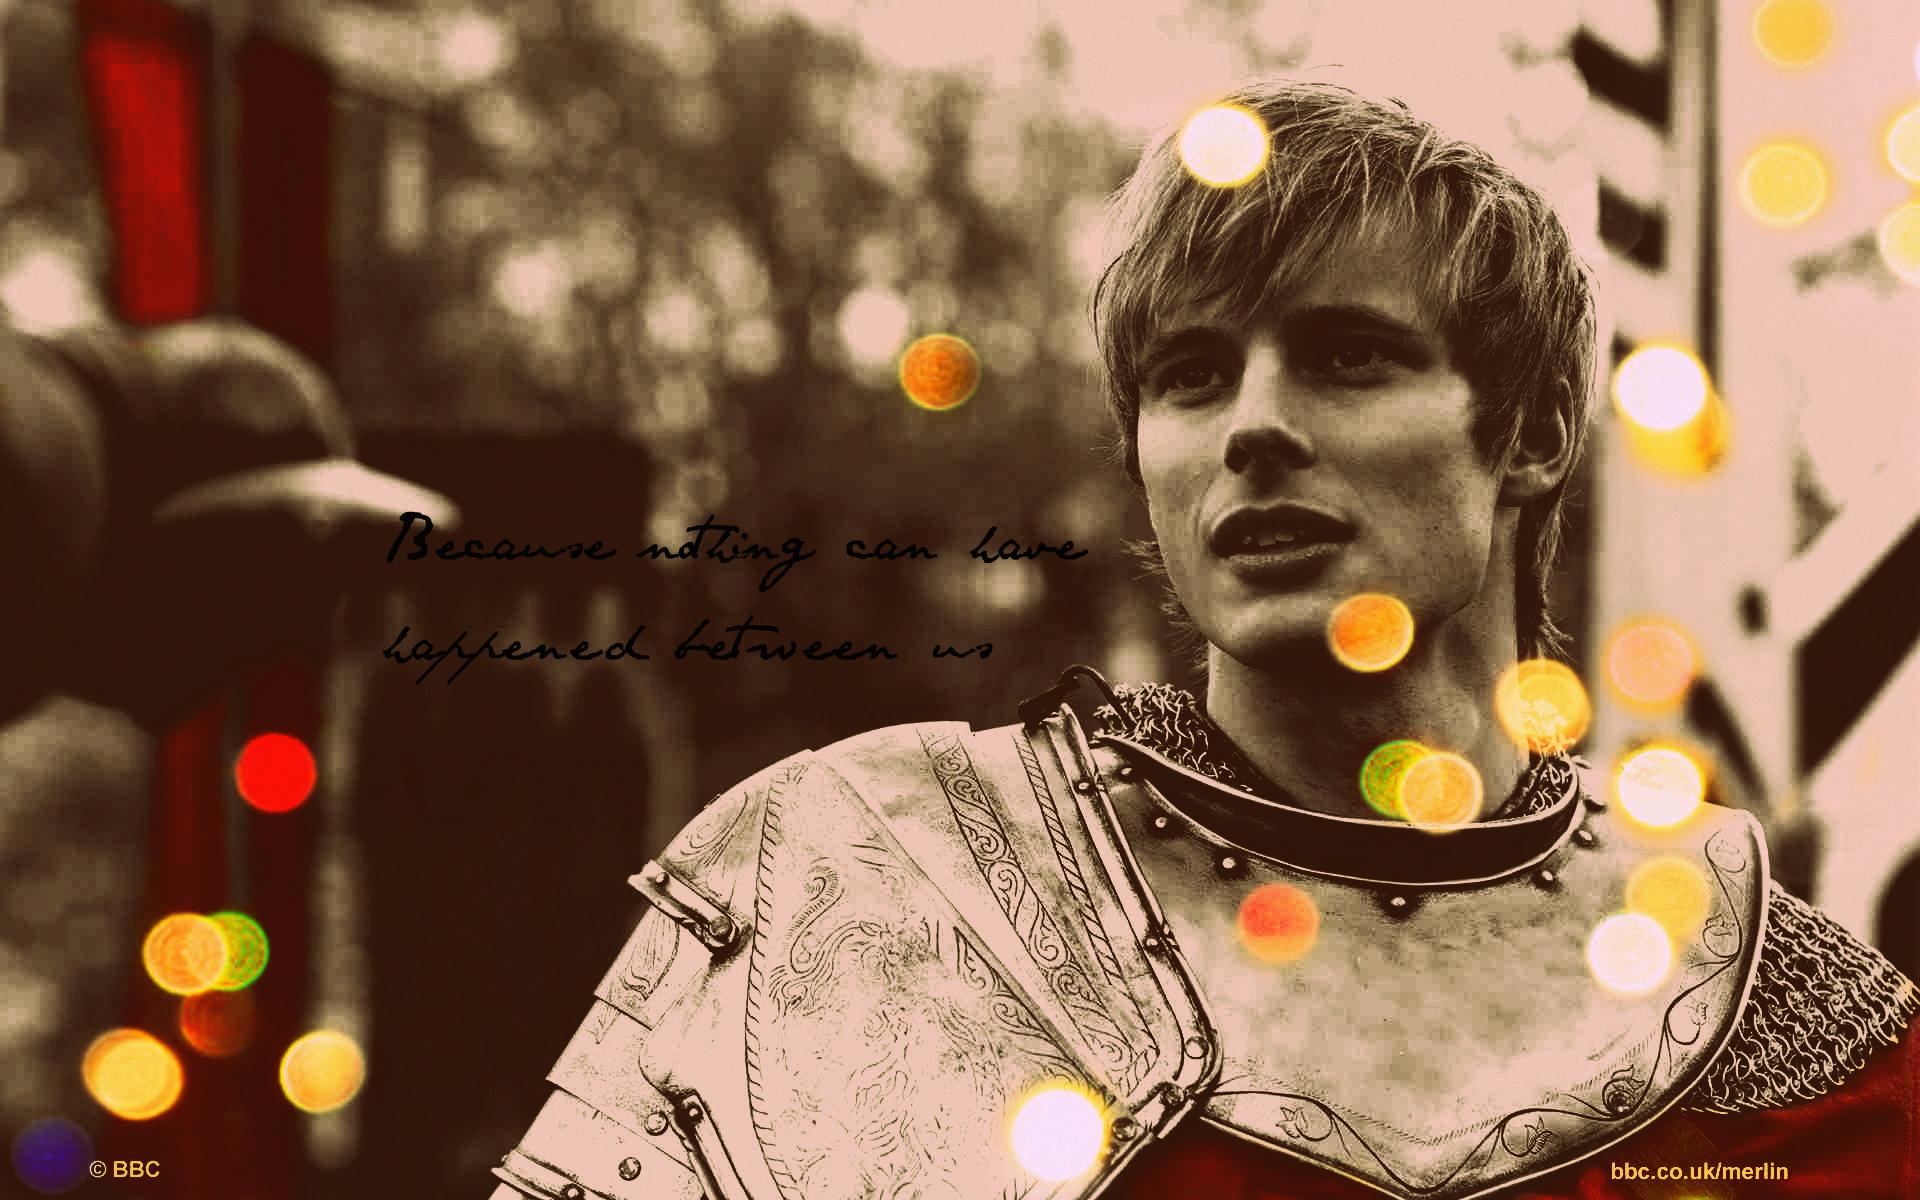 Prince Arthur Wallpaper Arthur Prince of Camelot